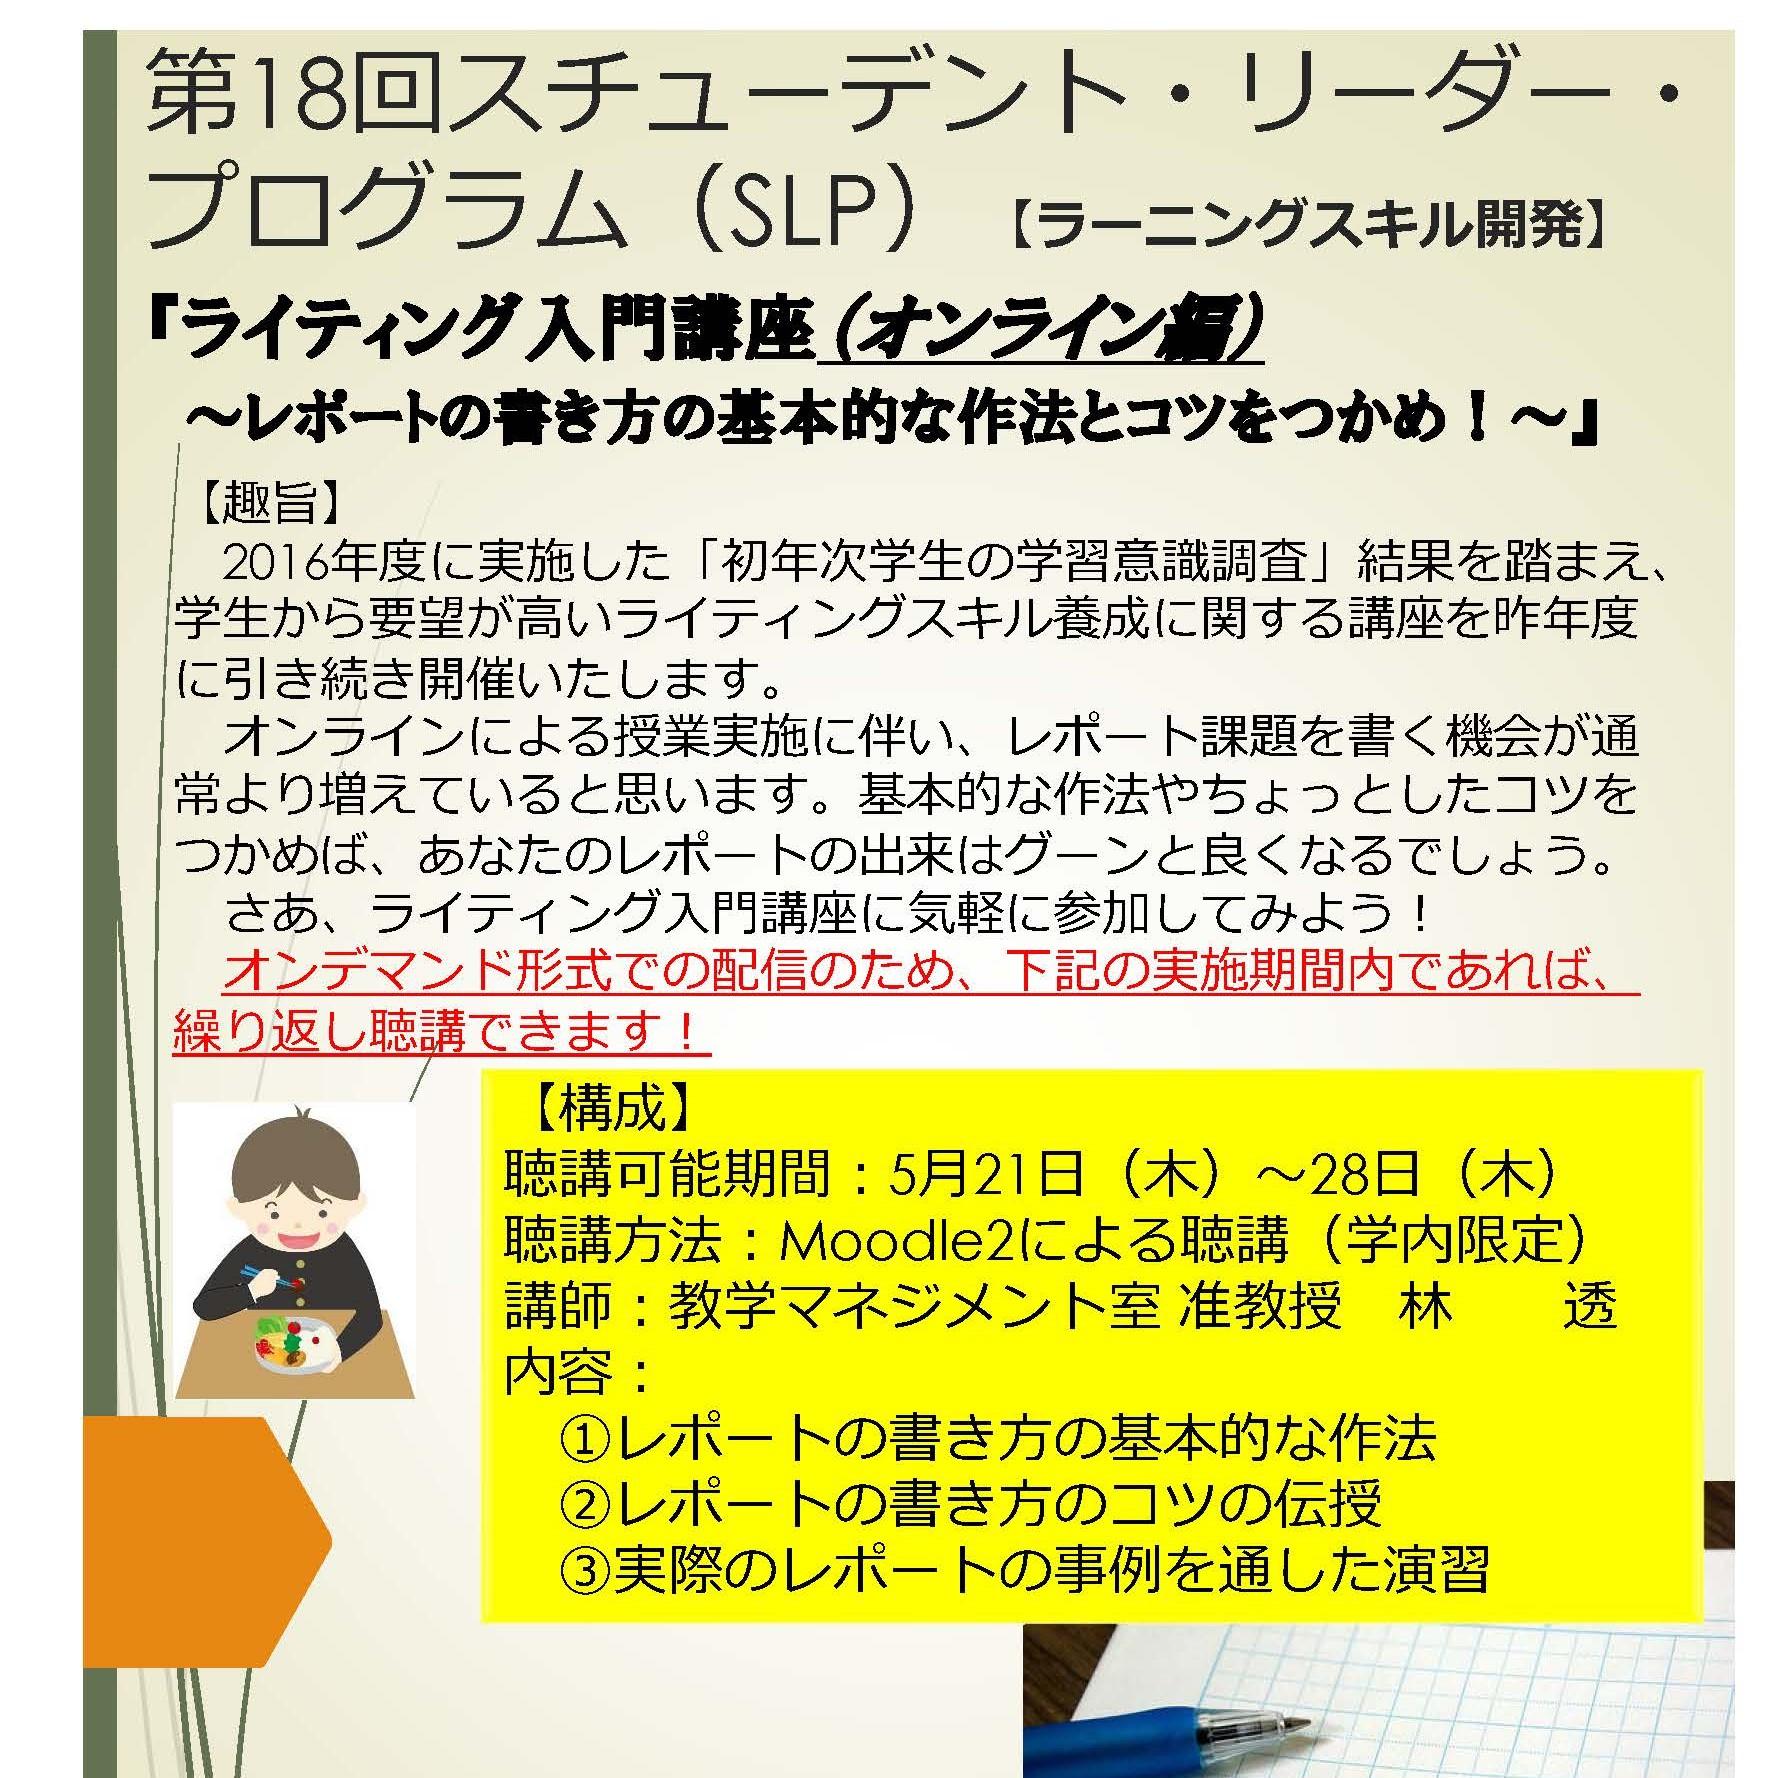 第18回SLP(ラーニングスキル開発)チラシ20200510(アレンジ).jpg